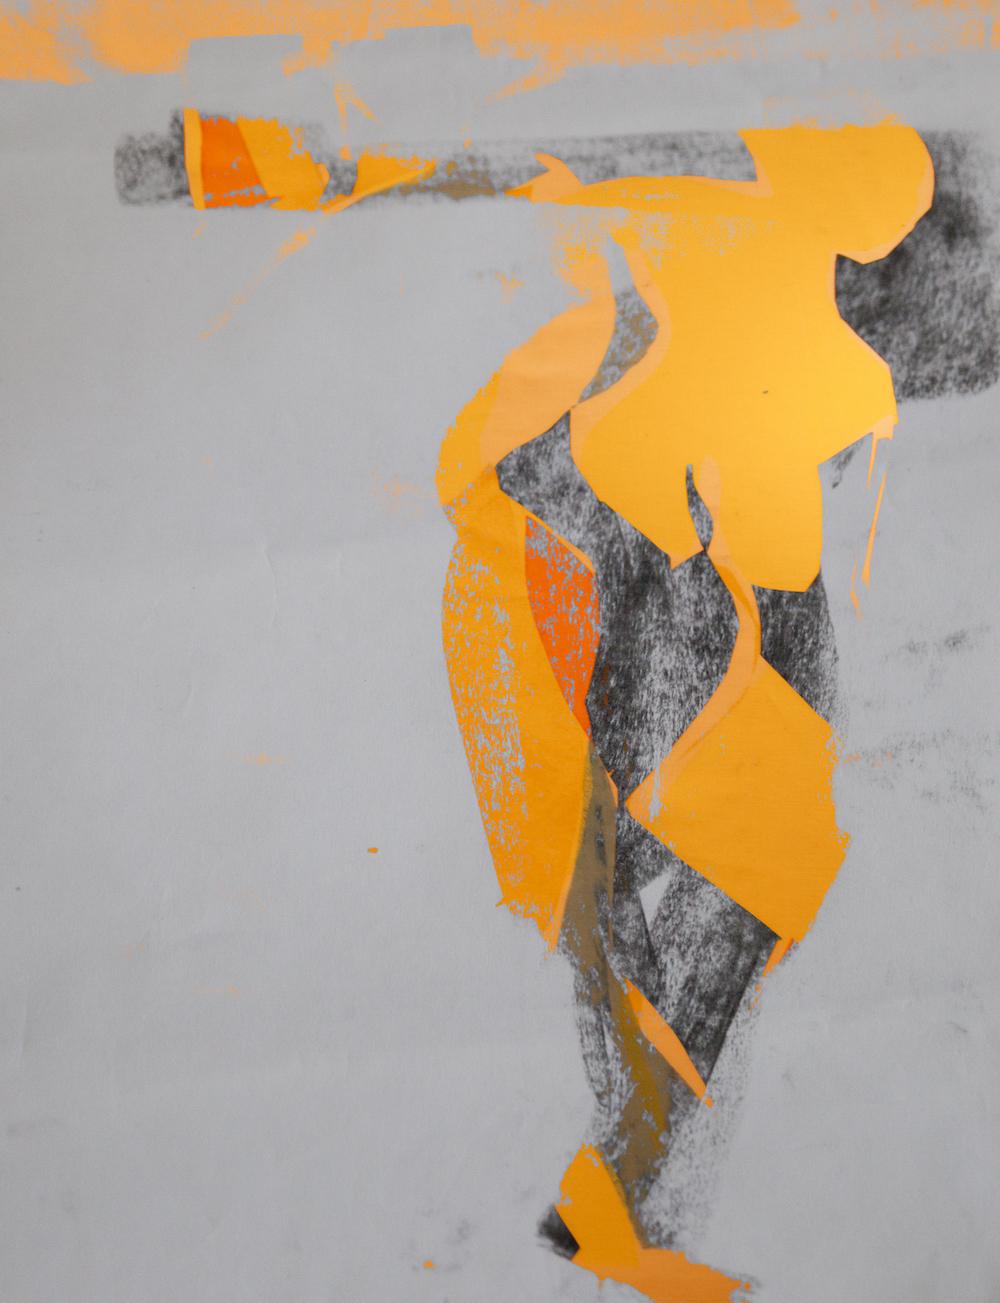 Catrin Engman Mixed media|Fine Art Print på matt papper 50 x 70 cm inramad 2 200 kr, oramad  2 700 kr, inramad Signerad upplaga 7 ex catrinengmankonstfoto.com